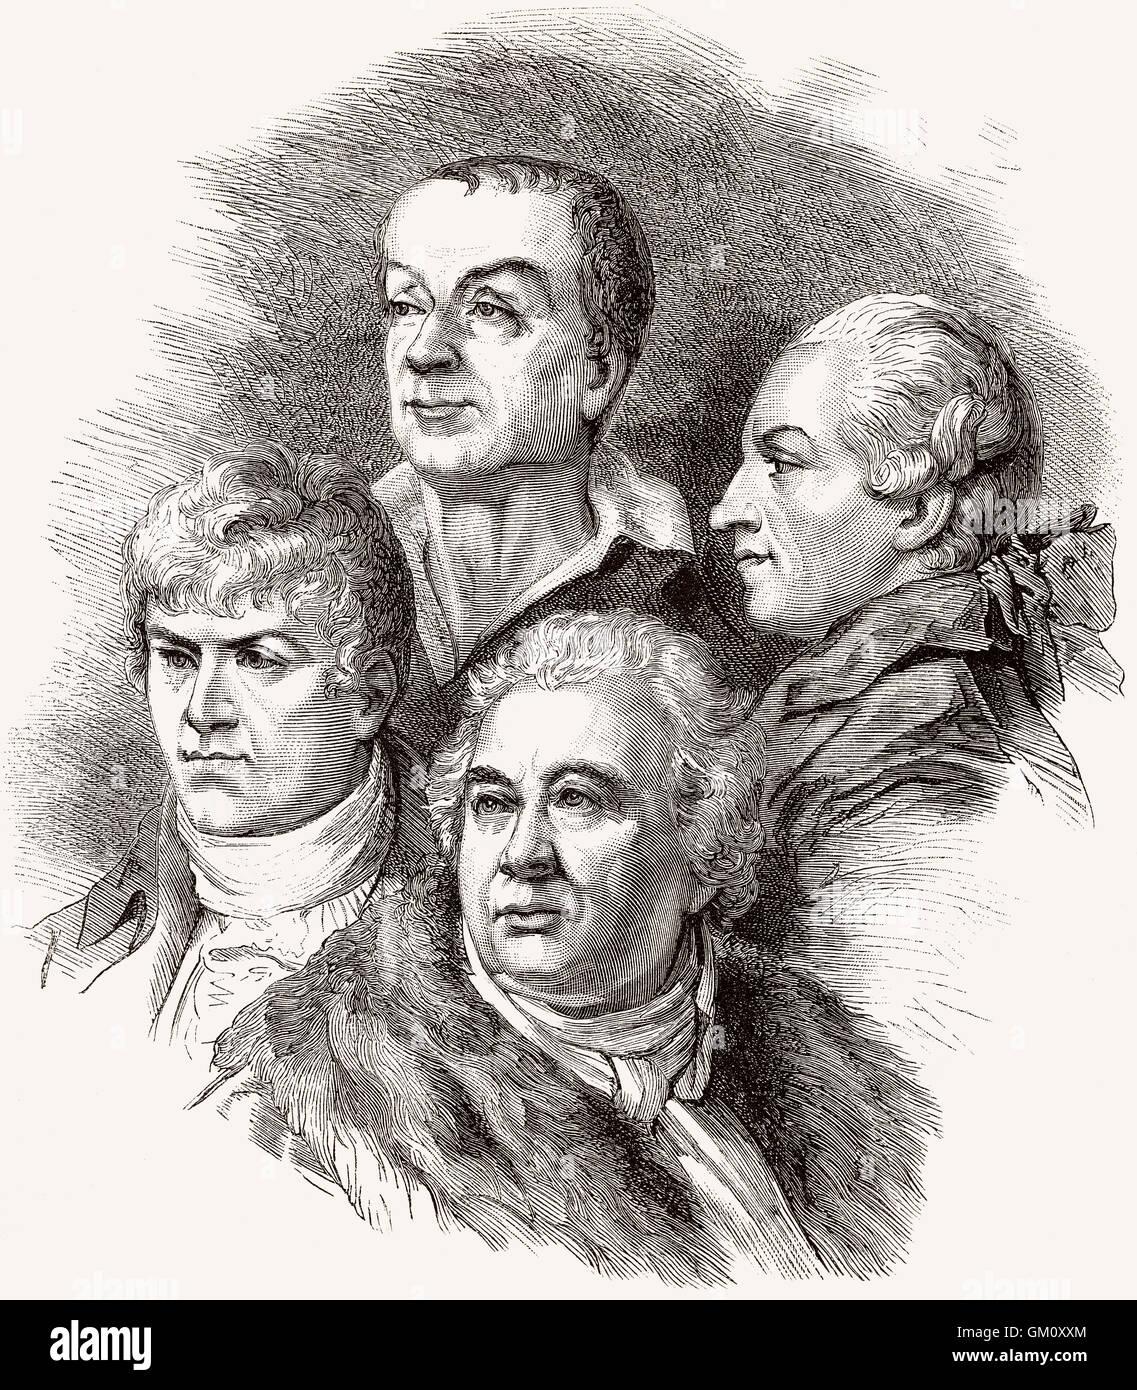 Members of the Académie française, Jean-François Collin d'Harleville,  François Guillaume - Stock Image